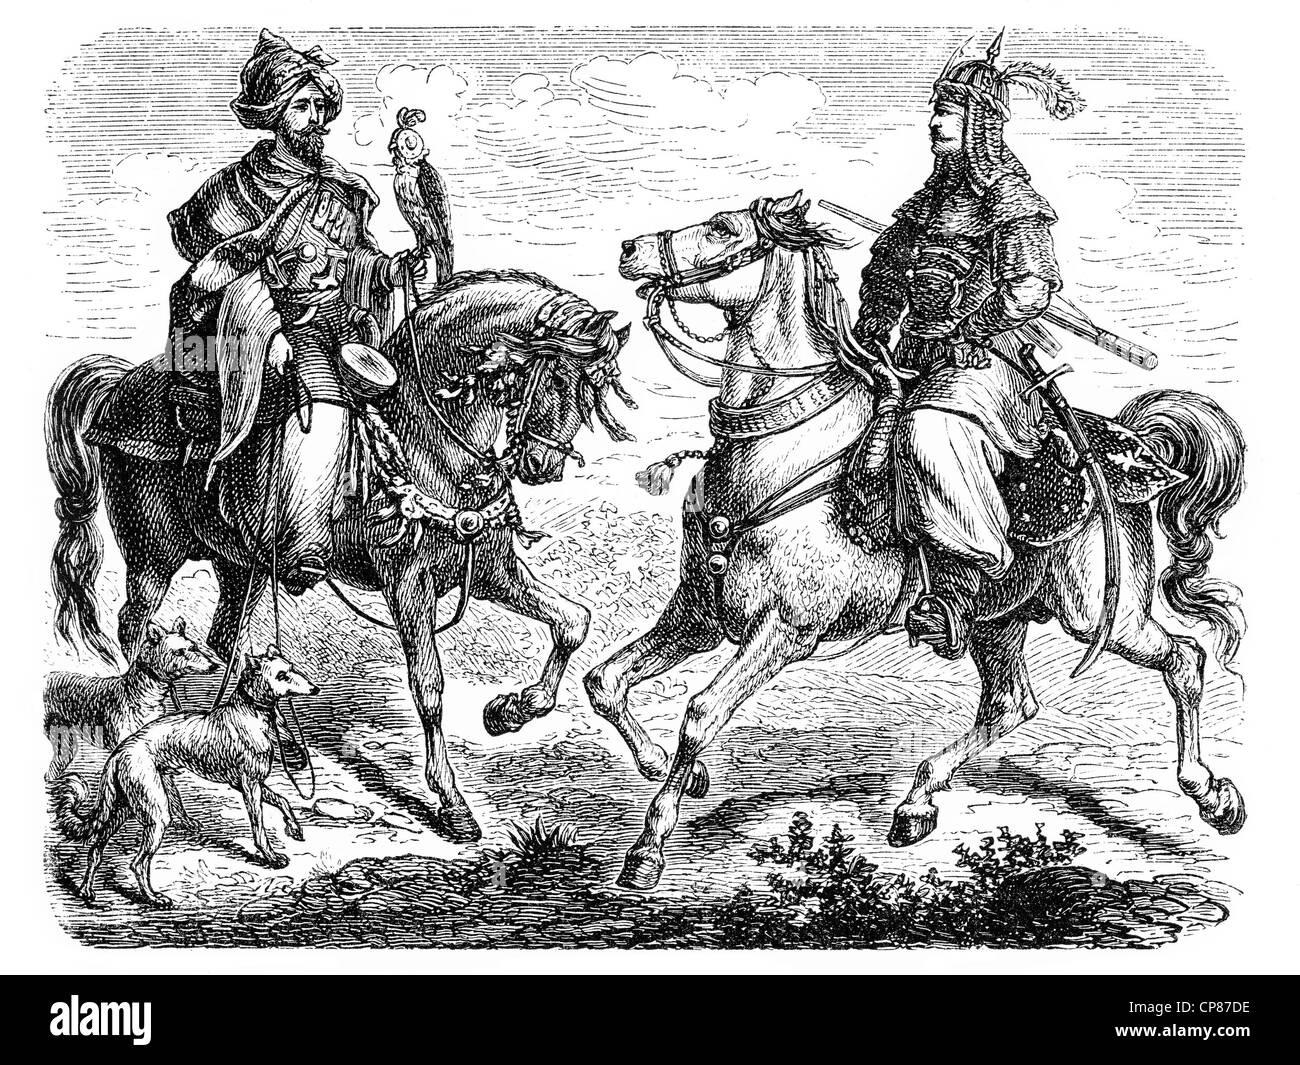 En el Líbano, los jefes históricos del siglo XIX, grabado LÃ bano, historischer Häuptlinge im Imagen De Stock